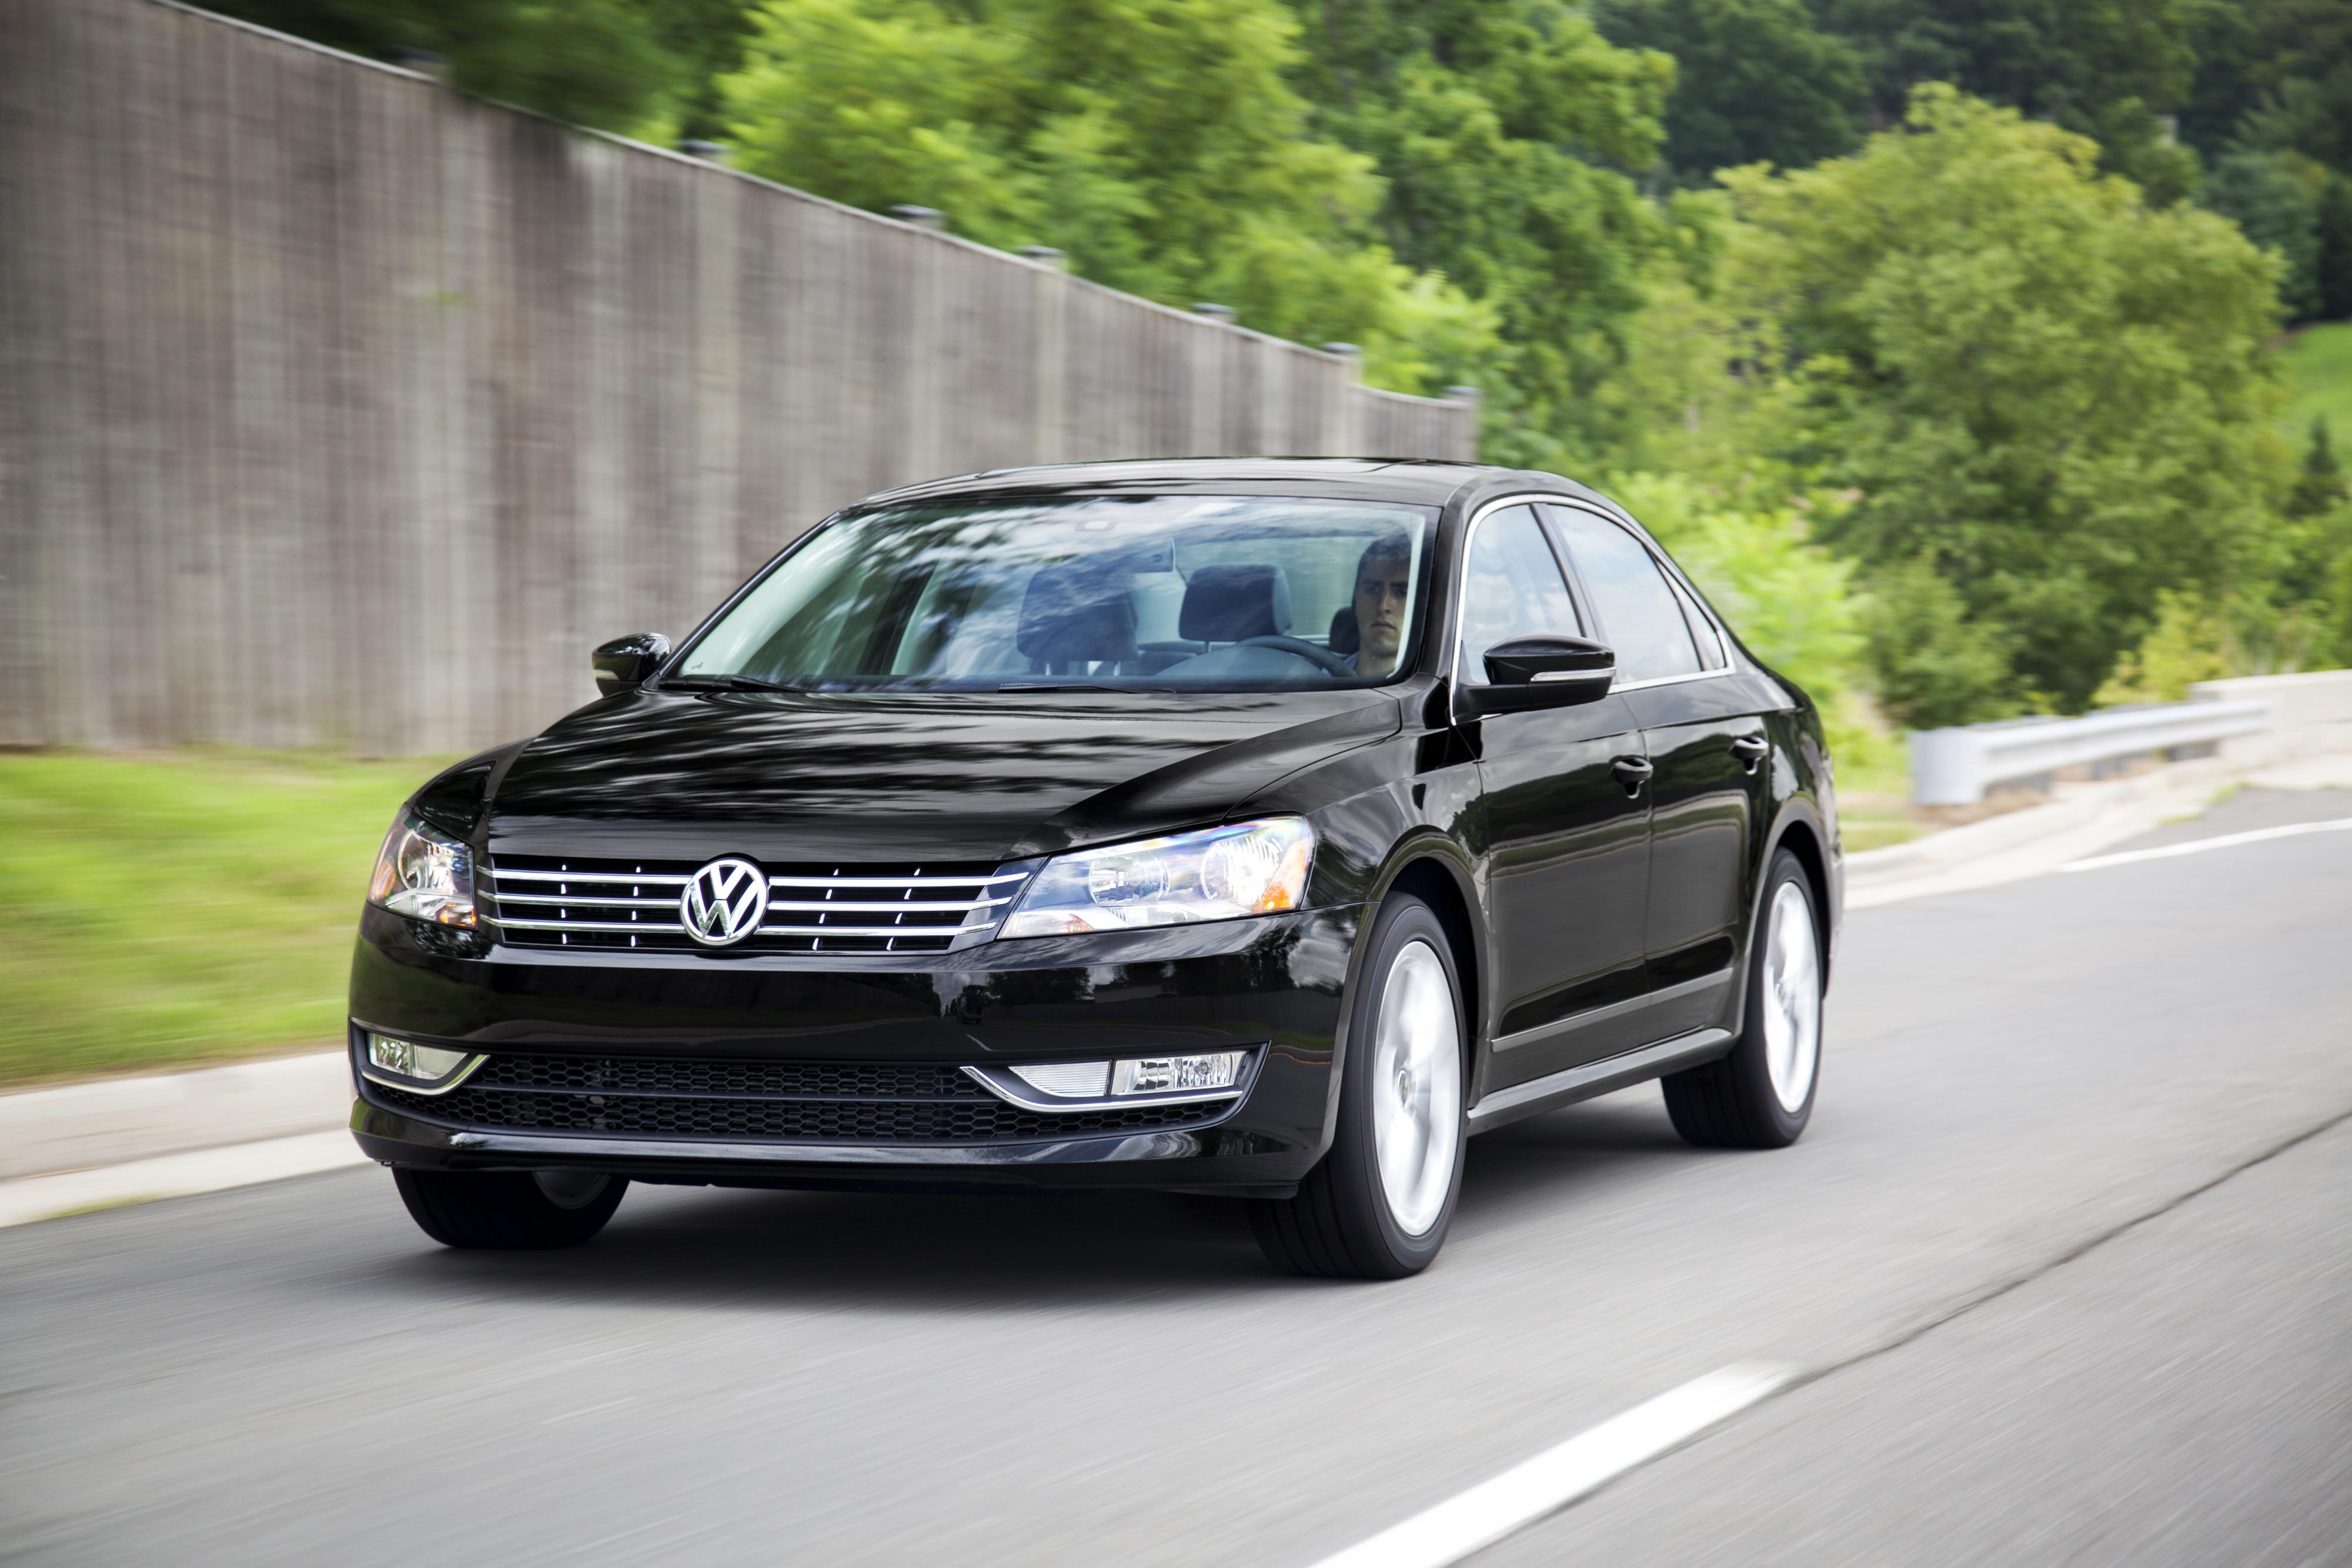 Volkswagen Recalling 26K Cars for Fire Risk